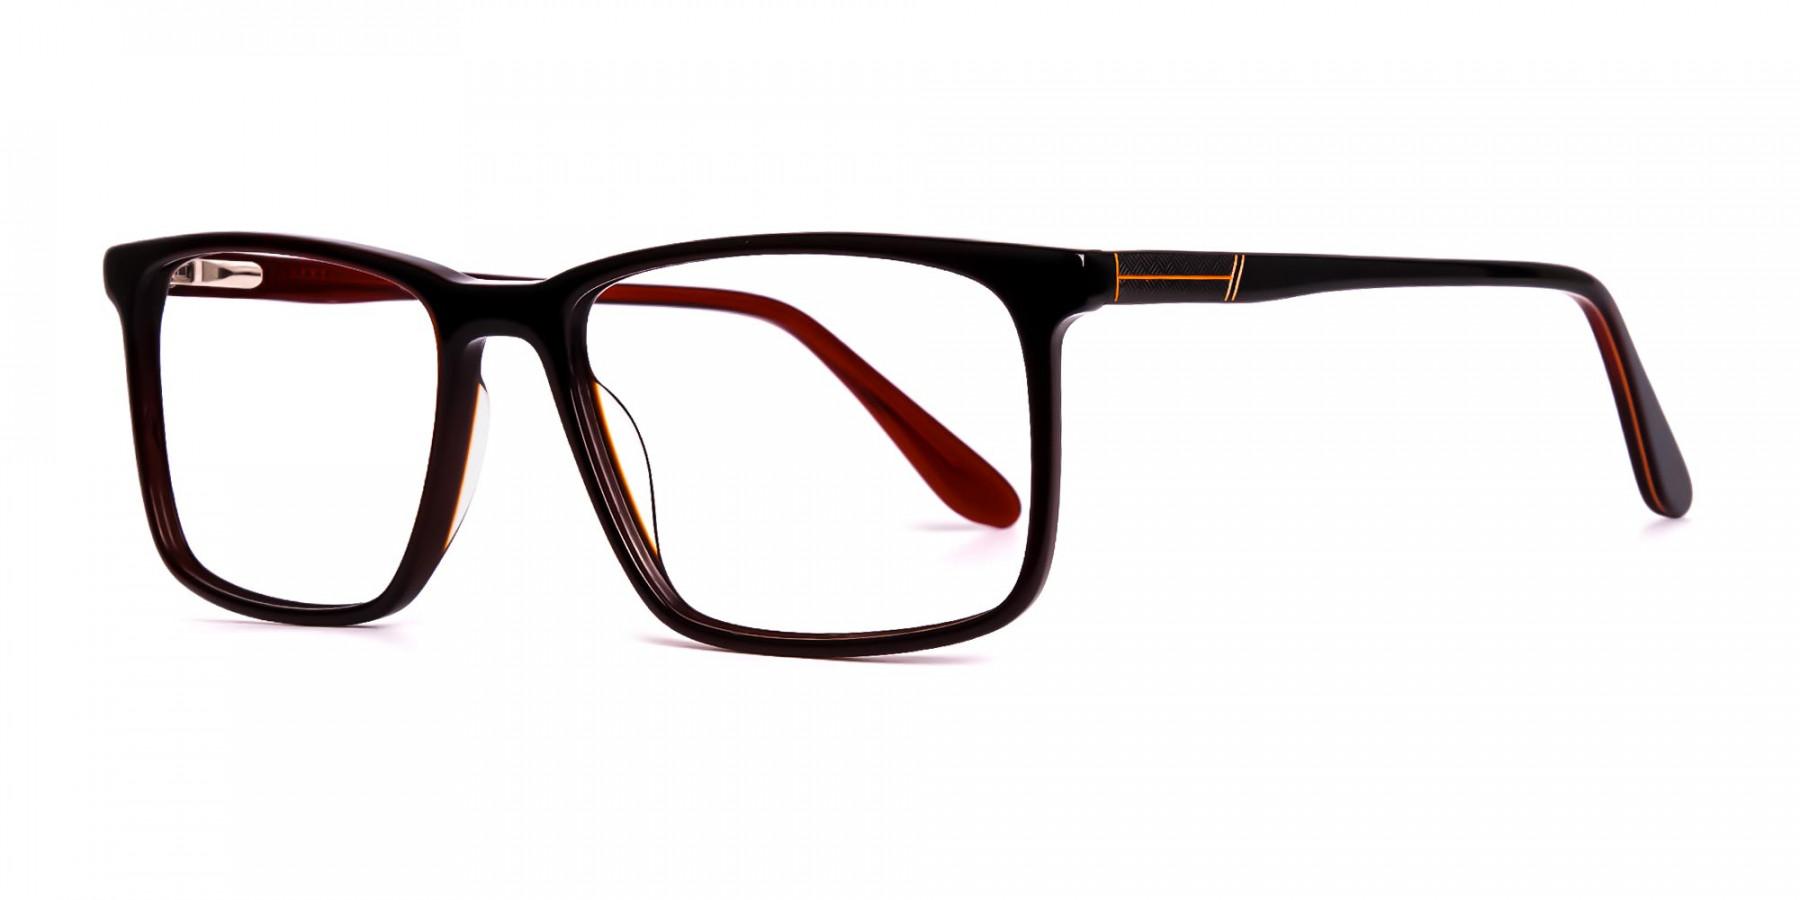 designer-dark-brown-full-rim-rectangular-glasses-frames-1